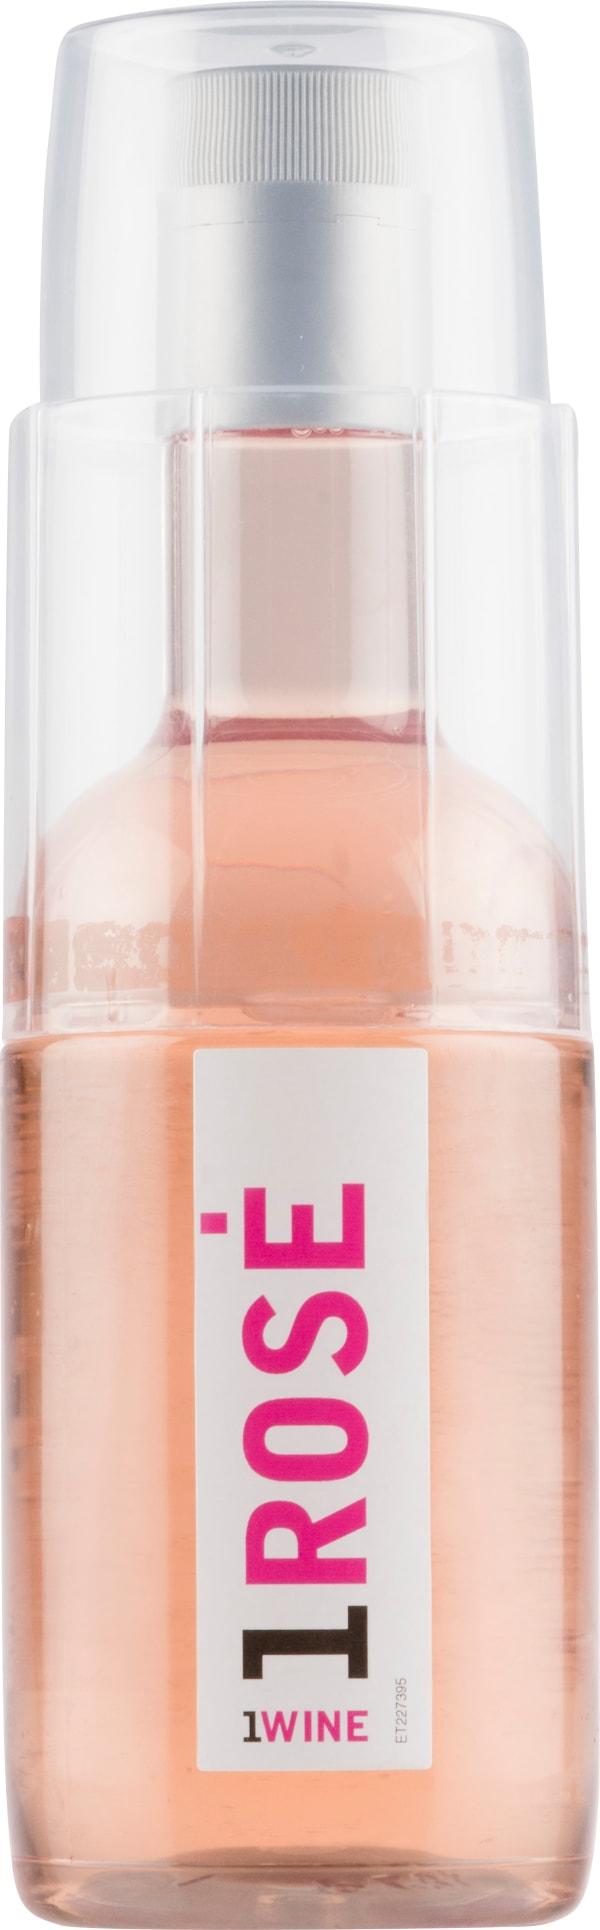 1Wine Rosé plastic bottle